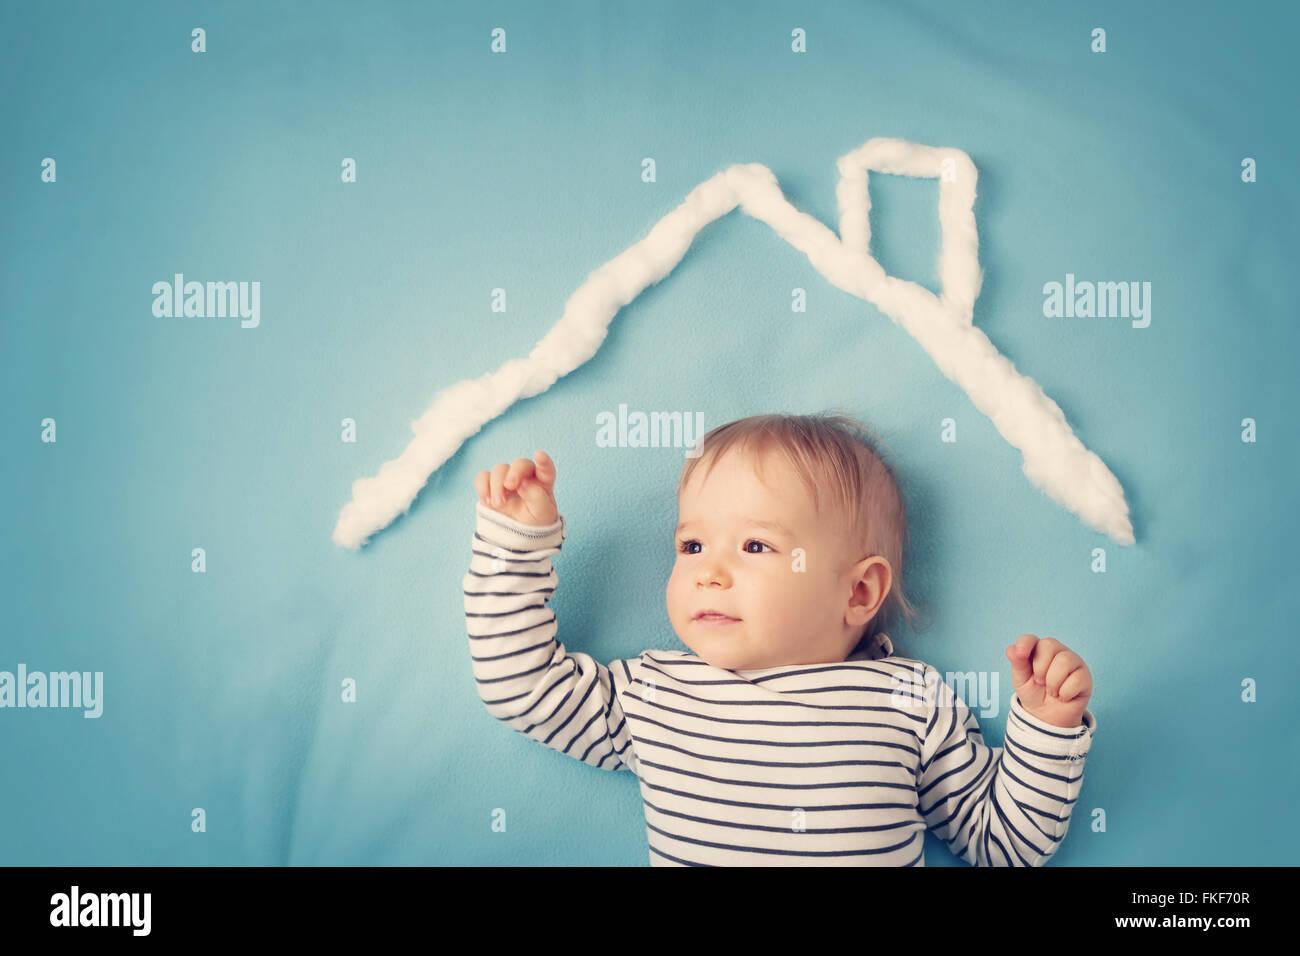 Chico con forma de casa Imagen De Stock